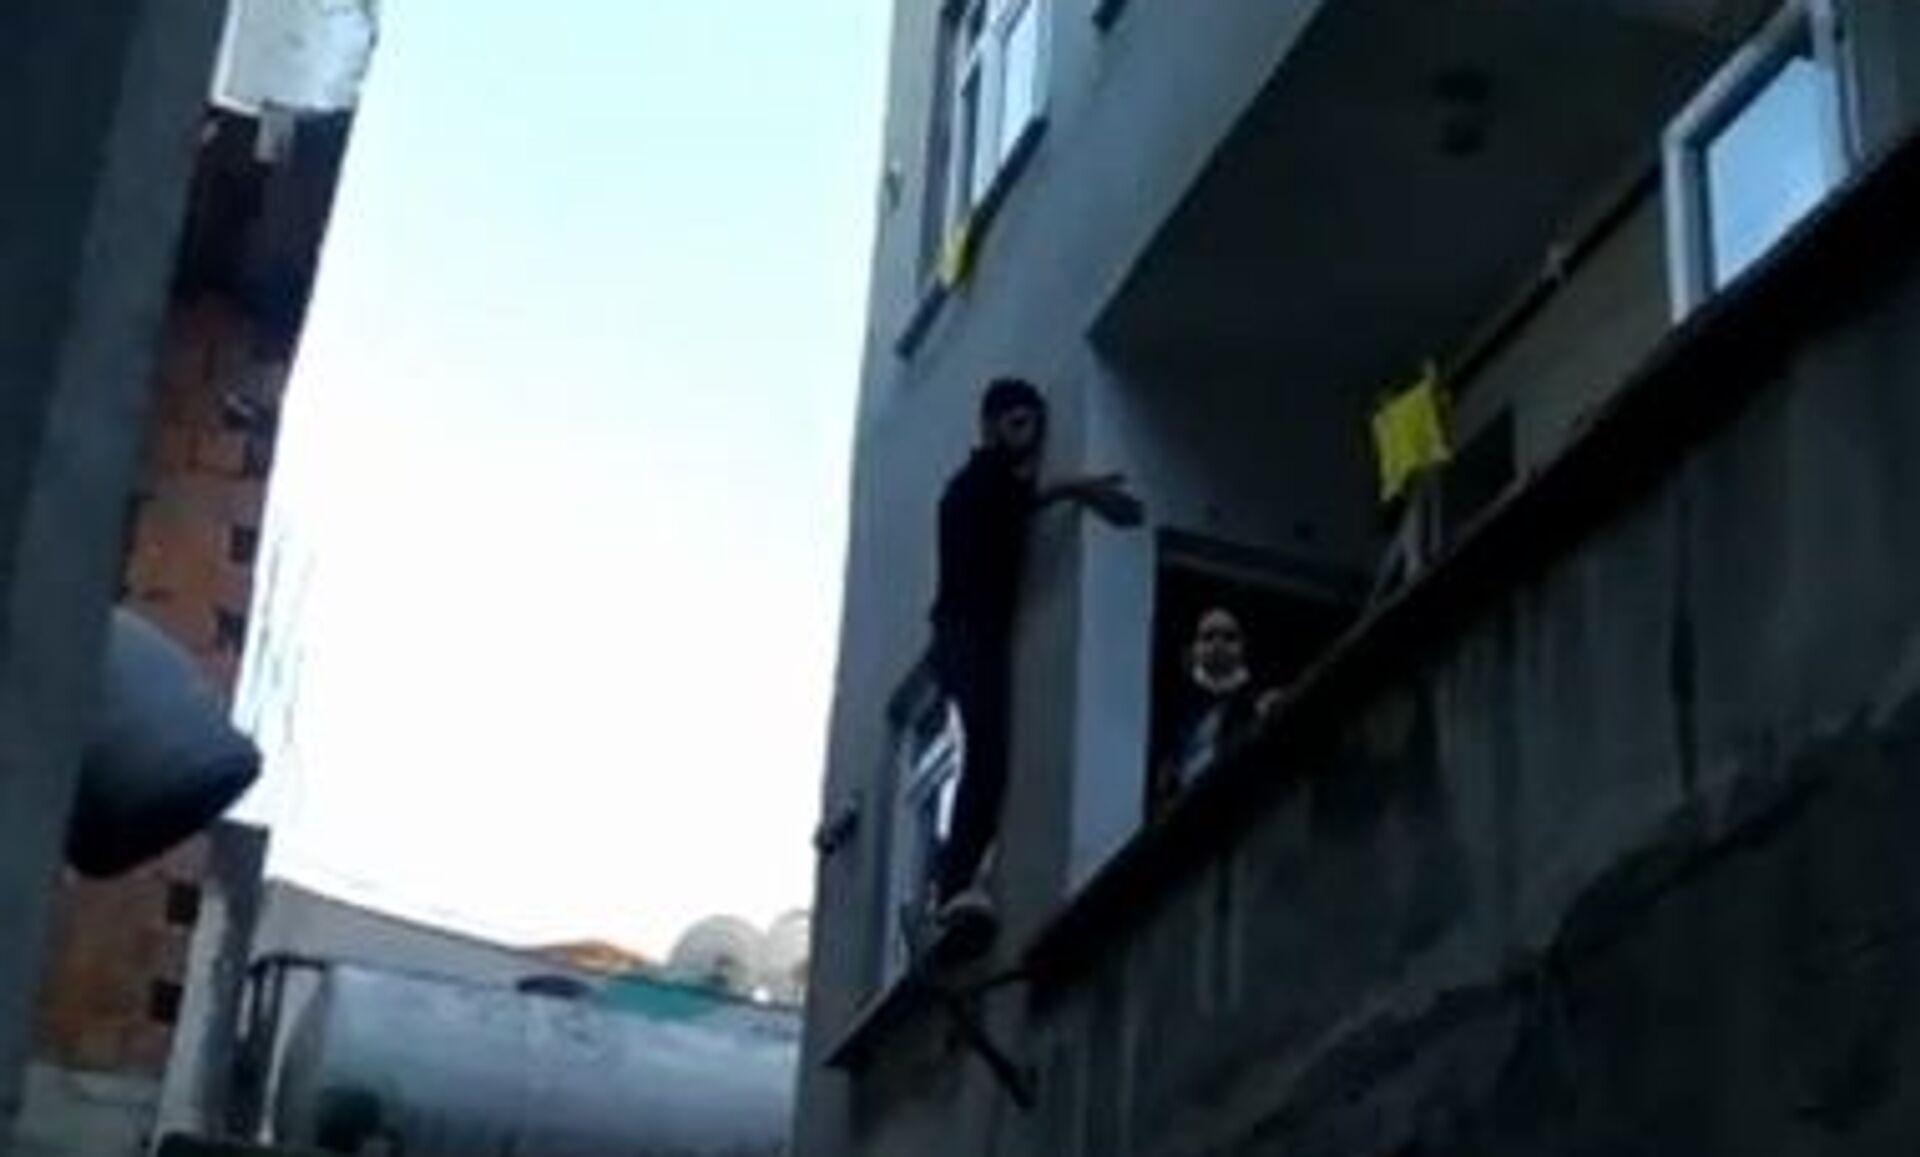 Hırsız, pencerede mahsur kaldı - Sputnik Türkiye, 1920, 28.07.2021